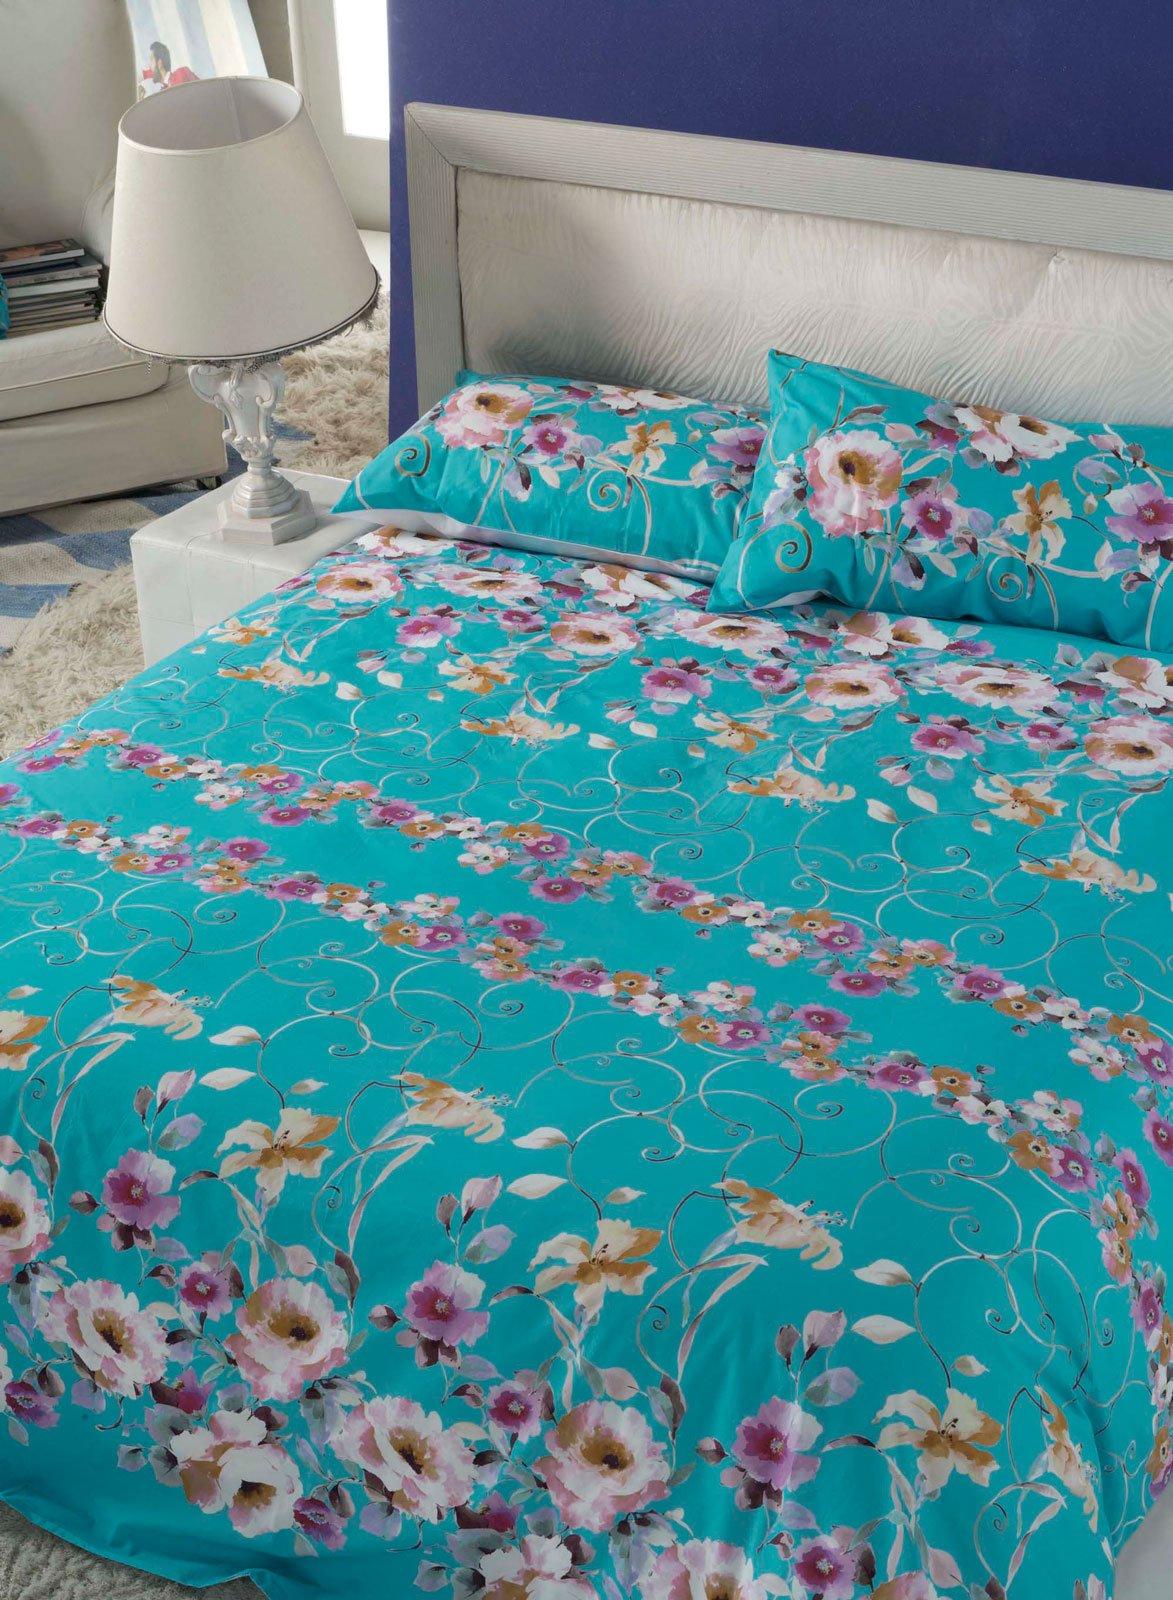 Piumino e copripiumino per vestire il letto cose di casa - Piumini ikea grado di calore ...